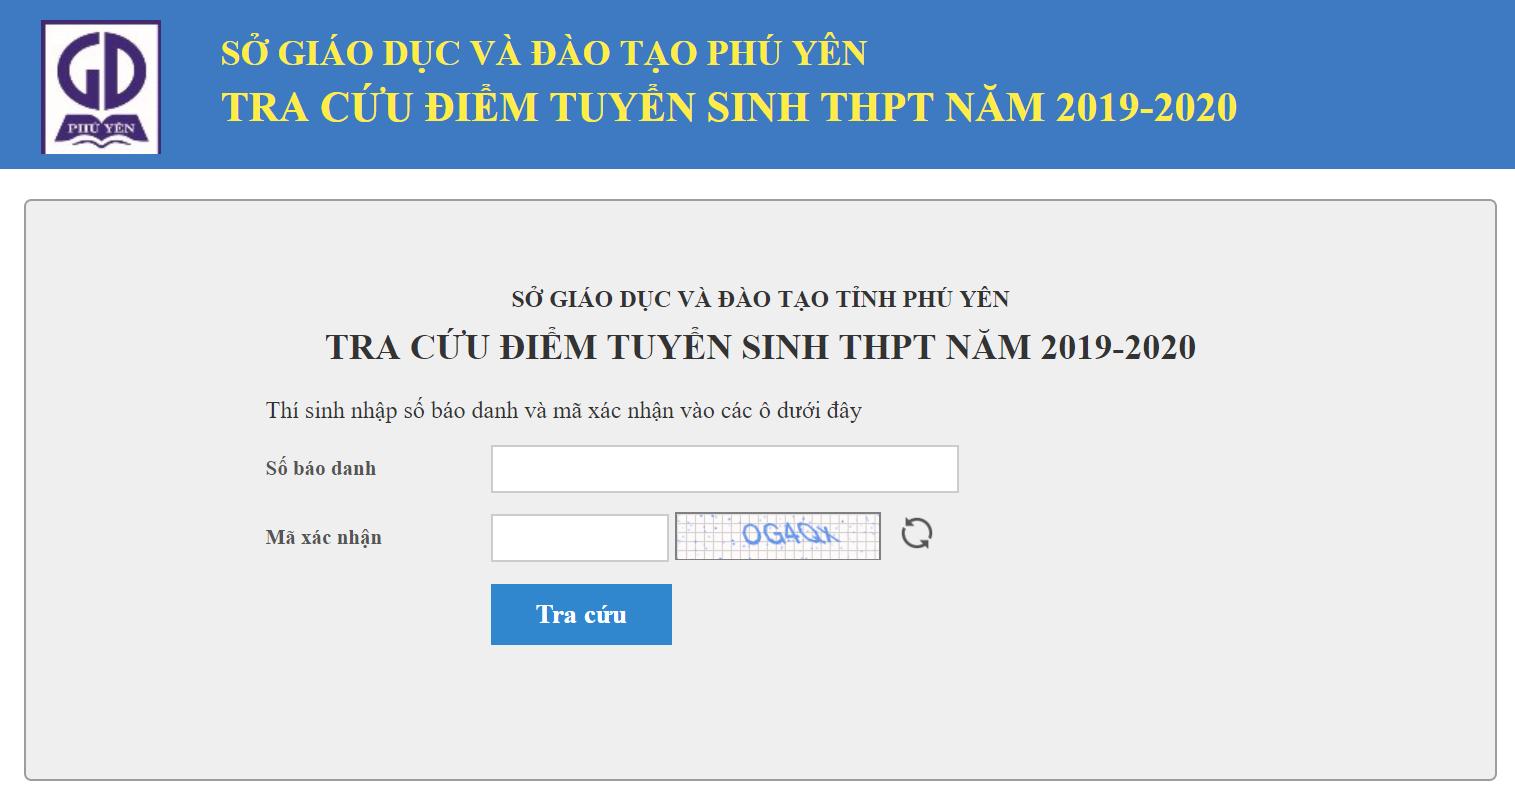 Phú Yên công bố điểm thi vào lớp 10 năm 2019